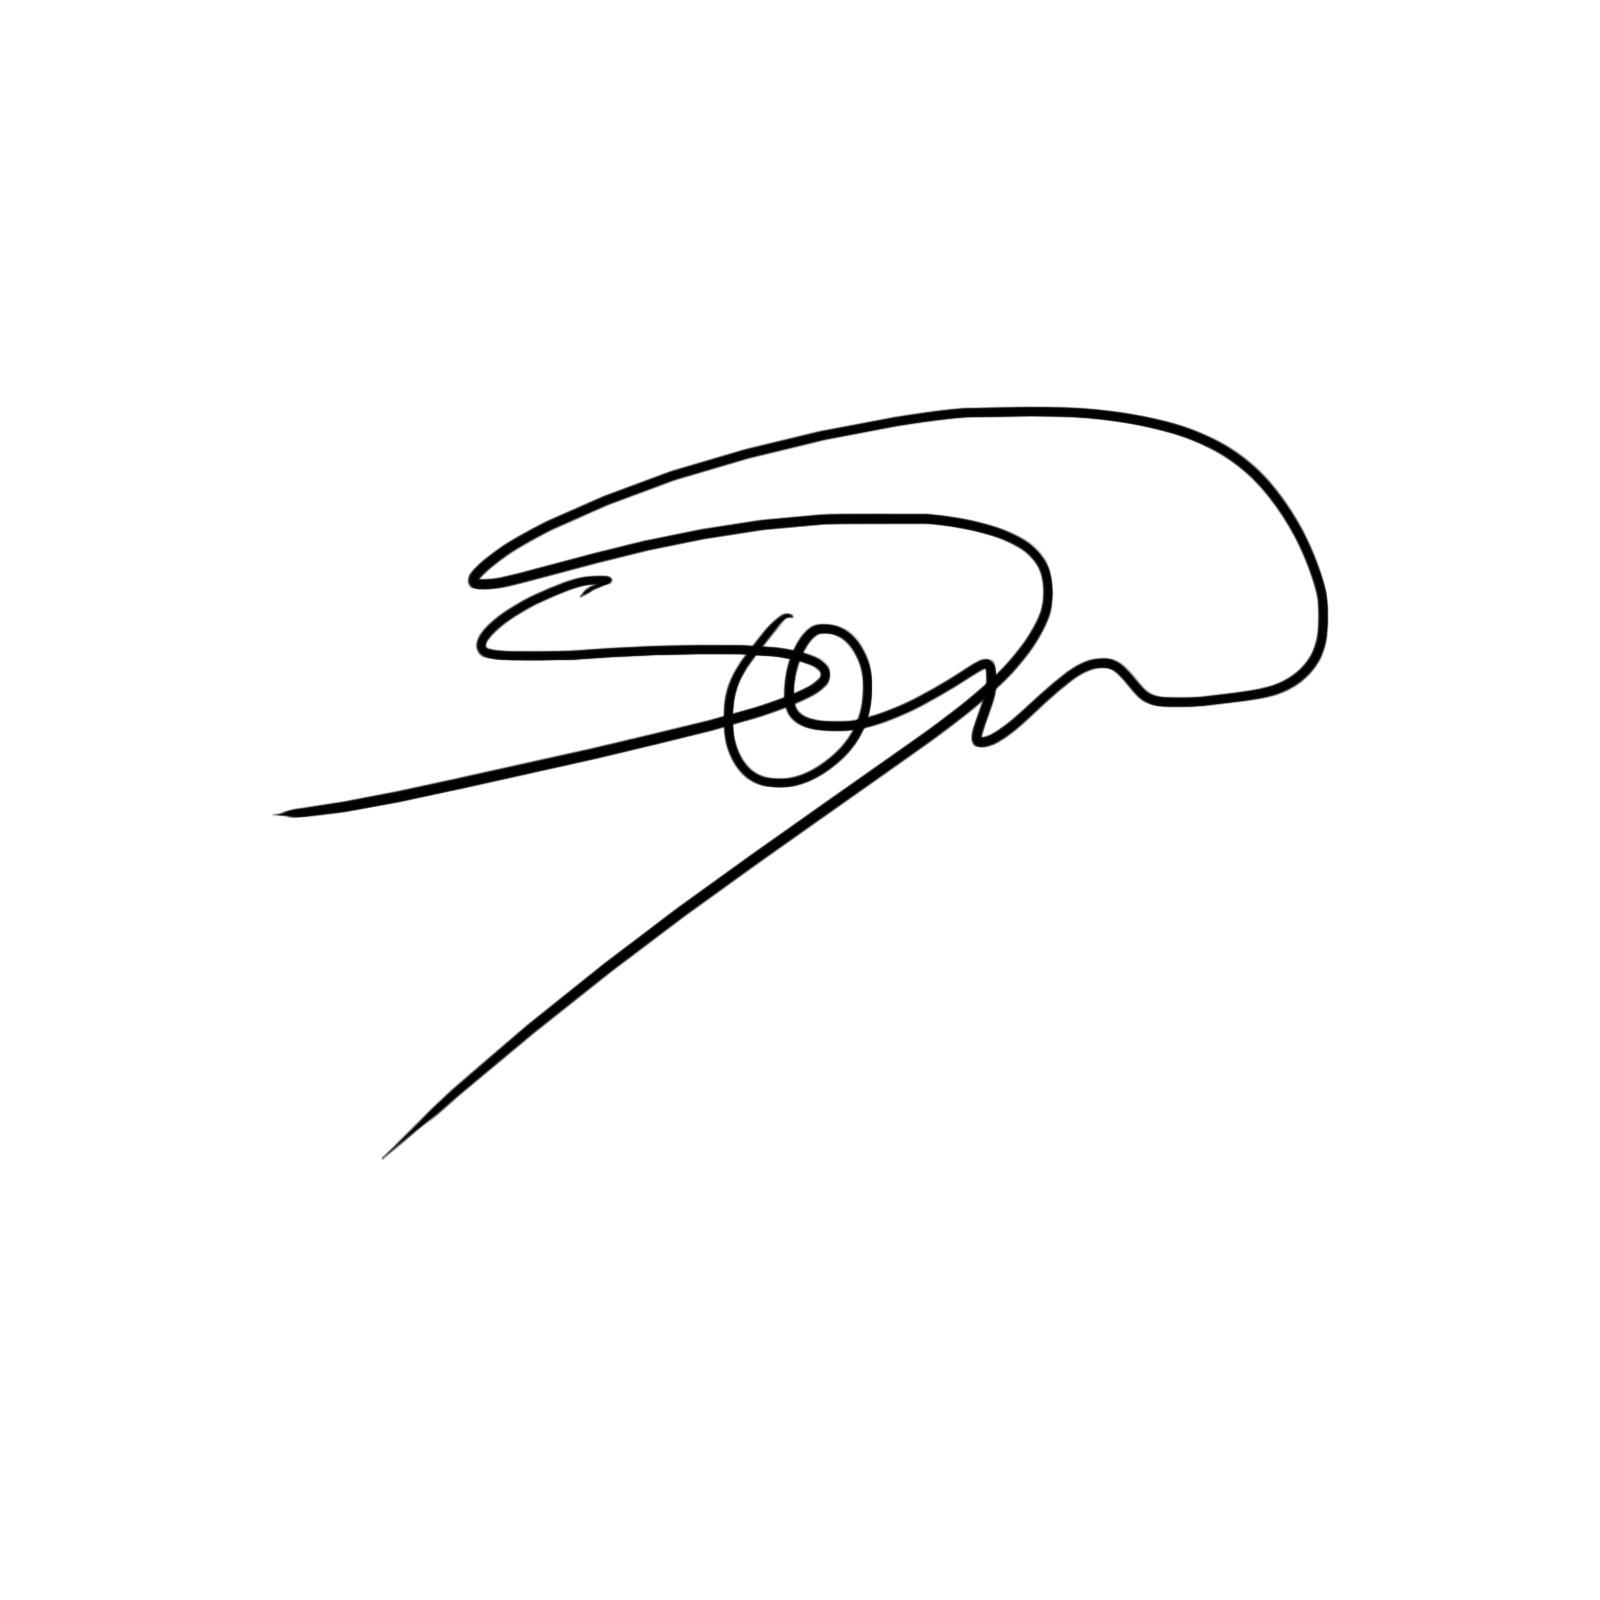 Samir Fakhri's Signature